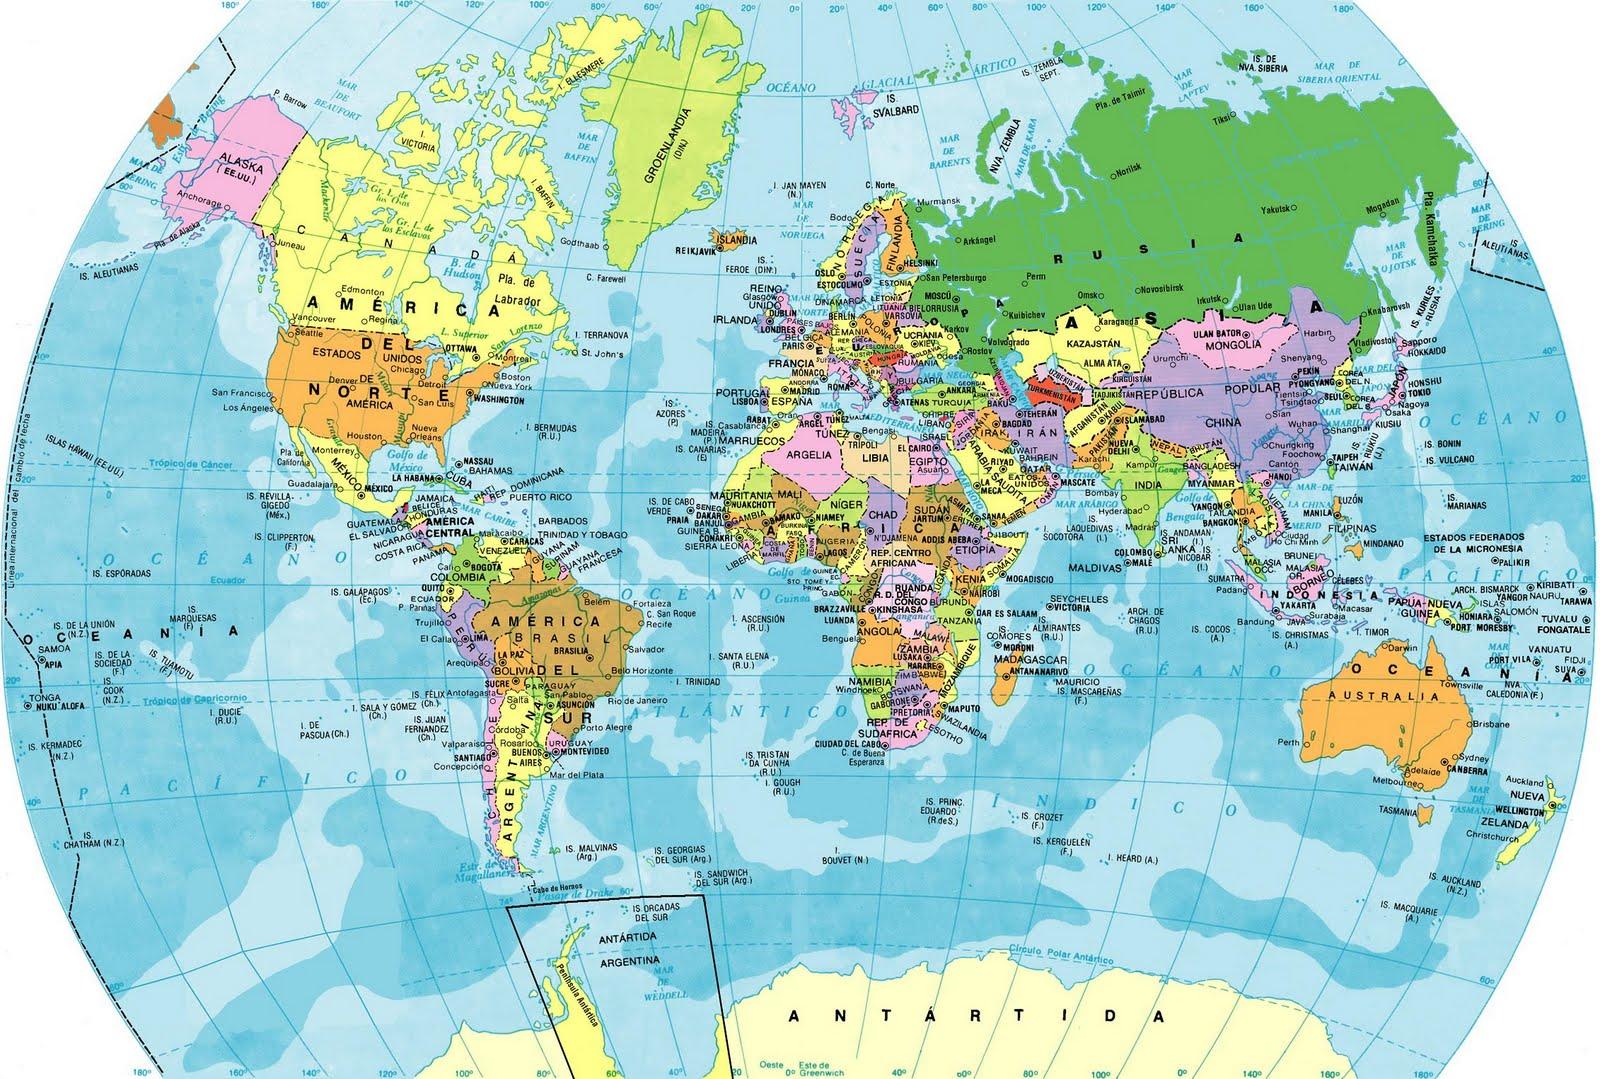 ... de los países según su continente existen 06 continentes américa